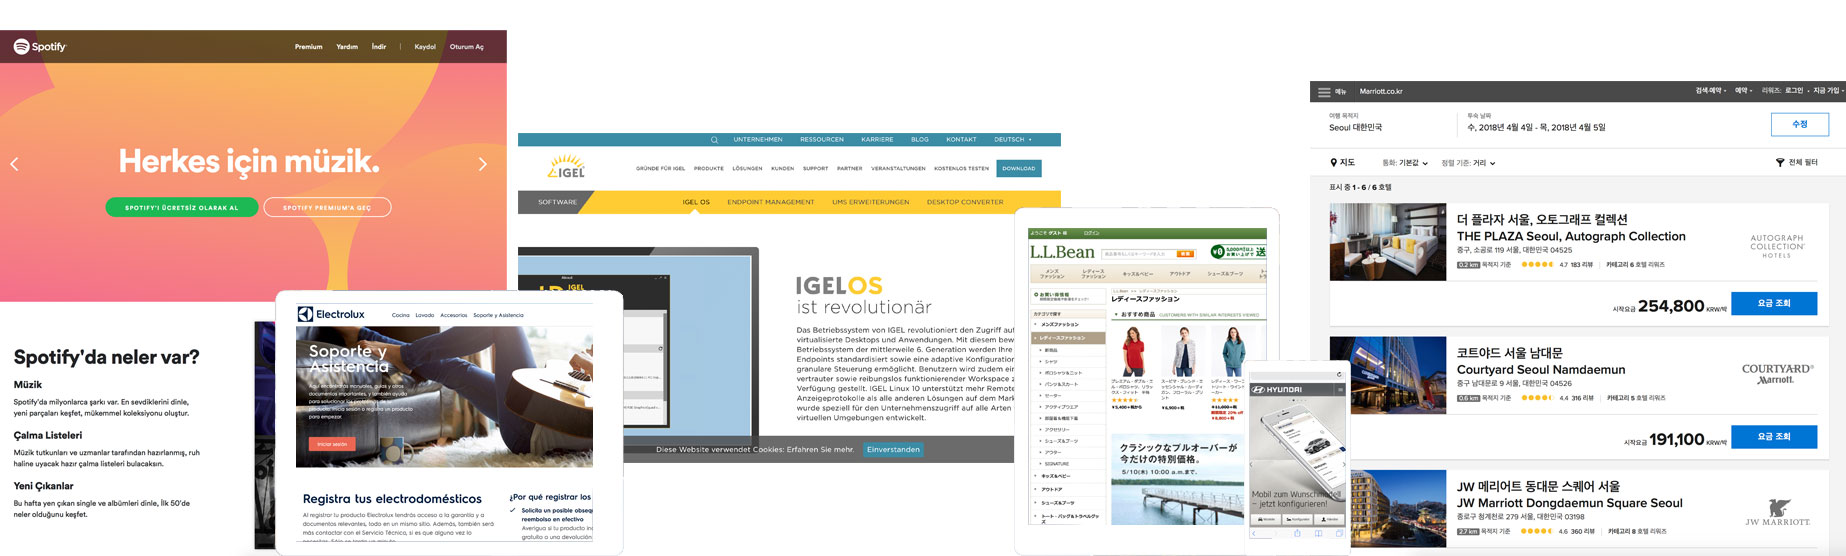 WebsiteTranslationExamples.jpg